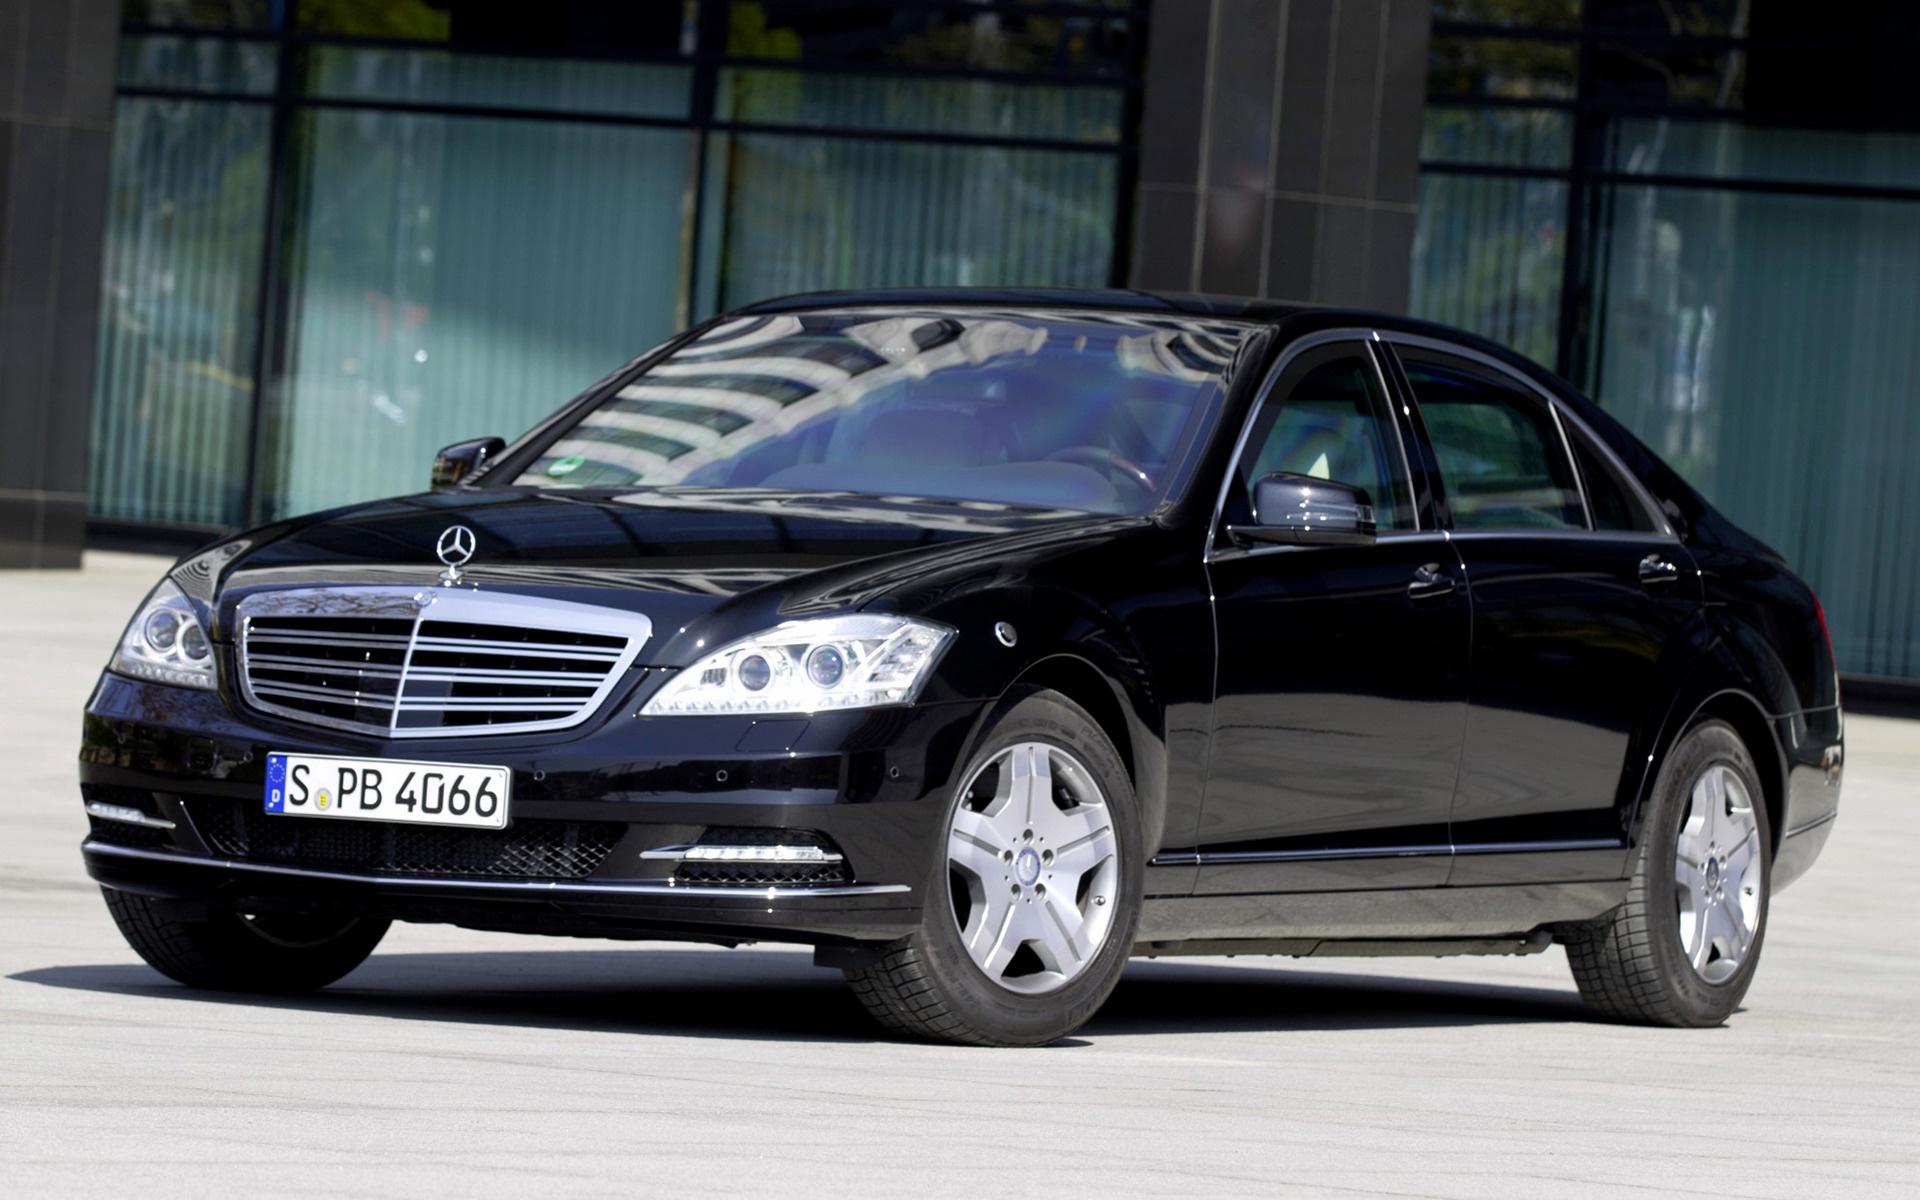 Mercedes Benz S Guard on mercedes-benz s600 pullman guard, mercedes 600 pullman, mercedes benz g guard, mercedes e guard,